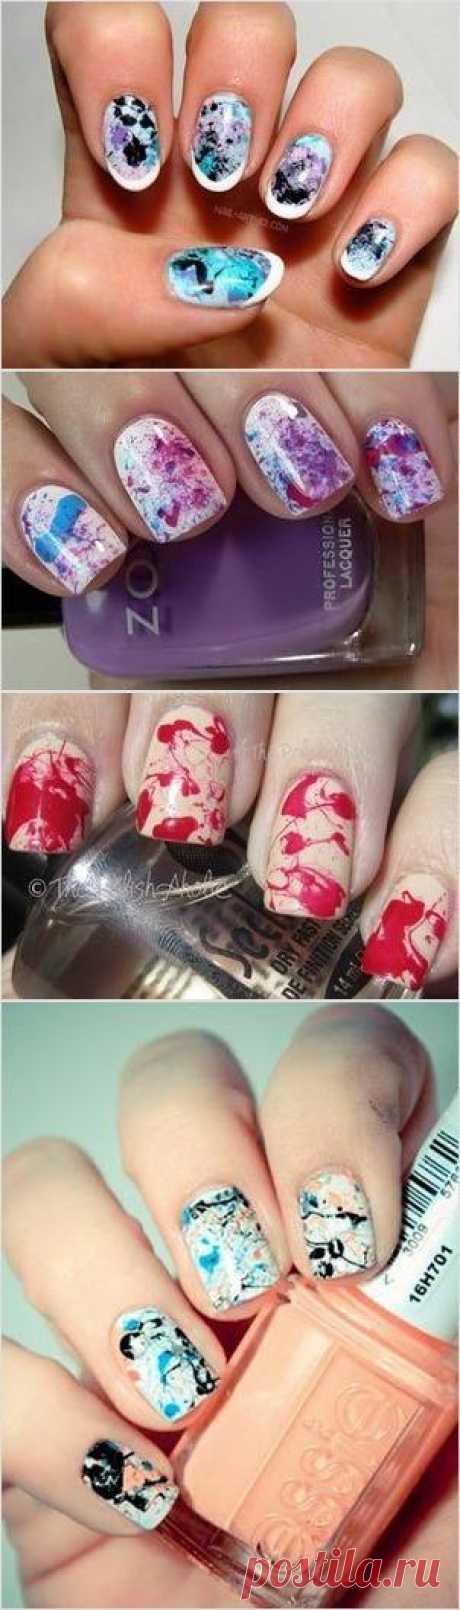 Дизайн ногтей: брызги лаками